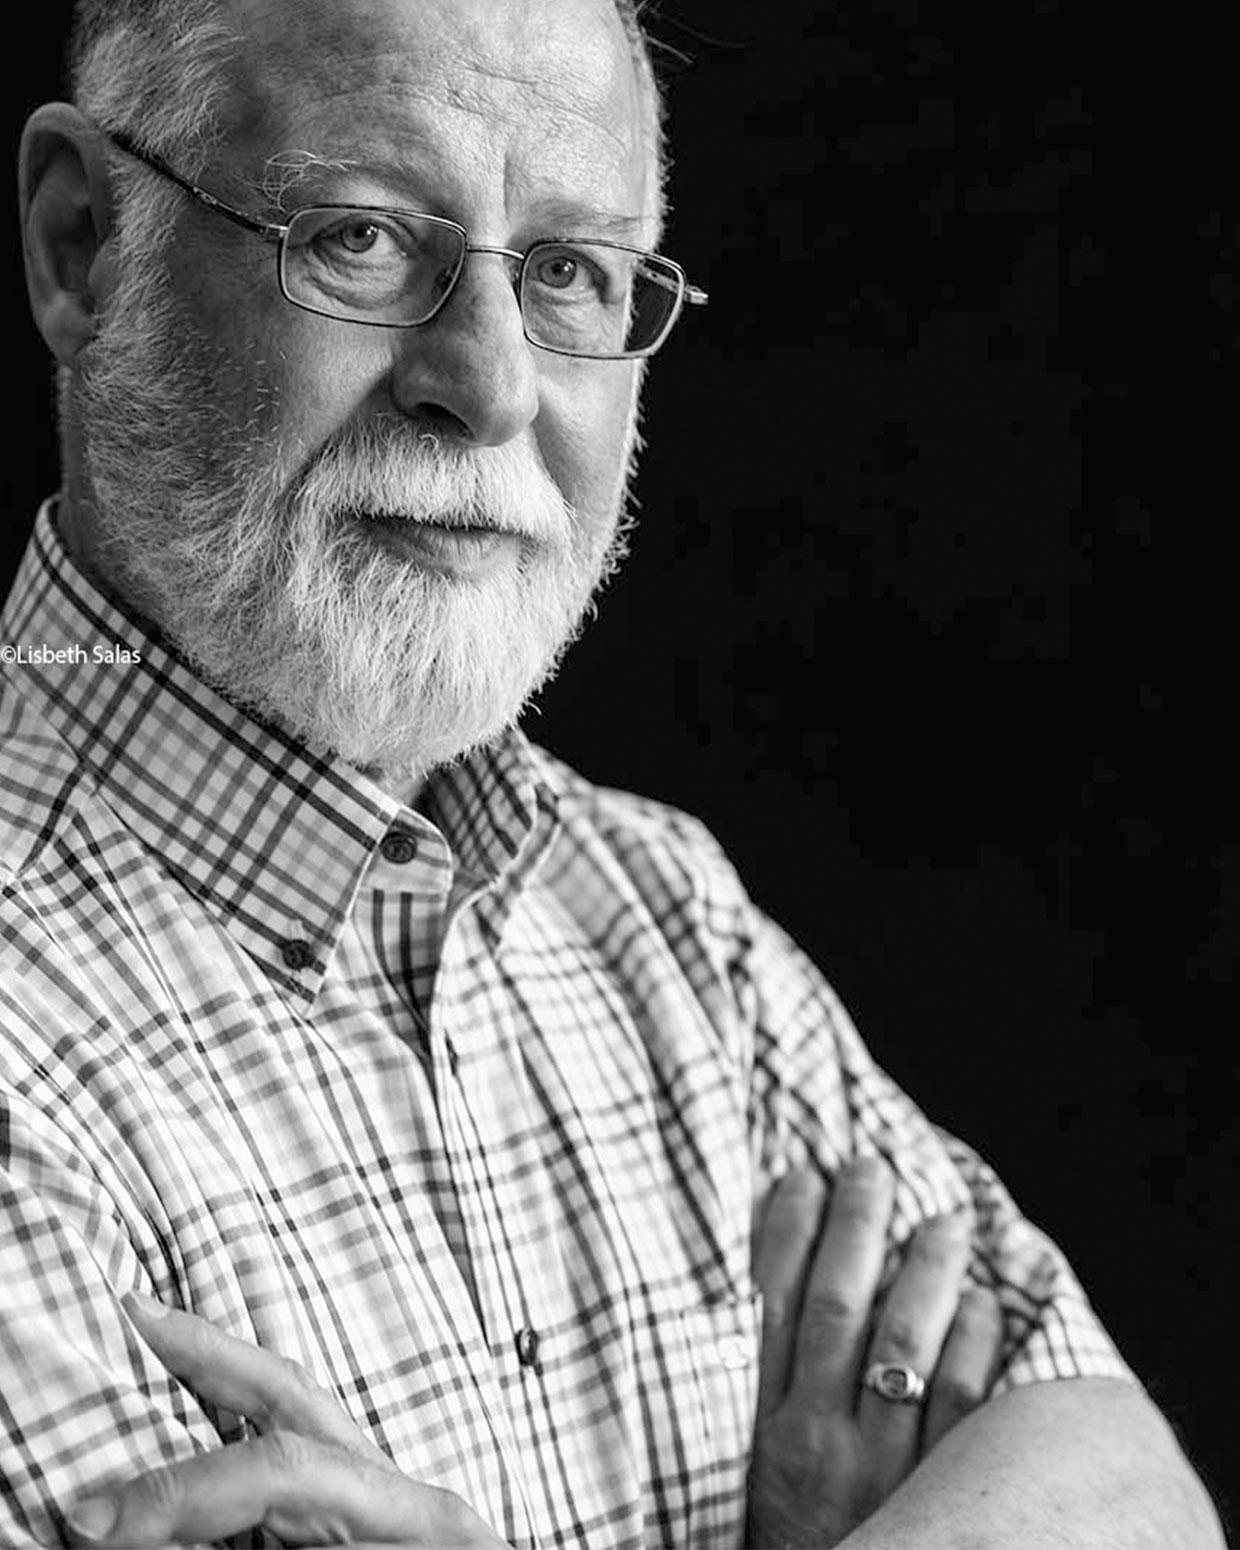 El escritor argentino Alberto Manguel. /Fotografía de Lisbeth Salas